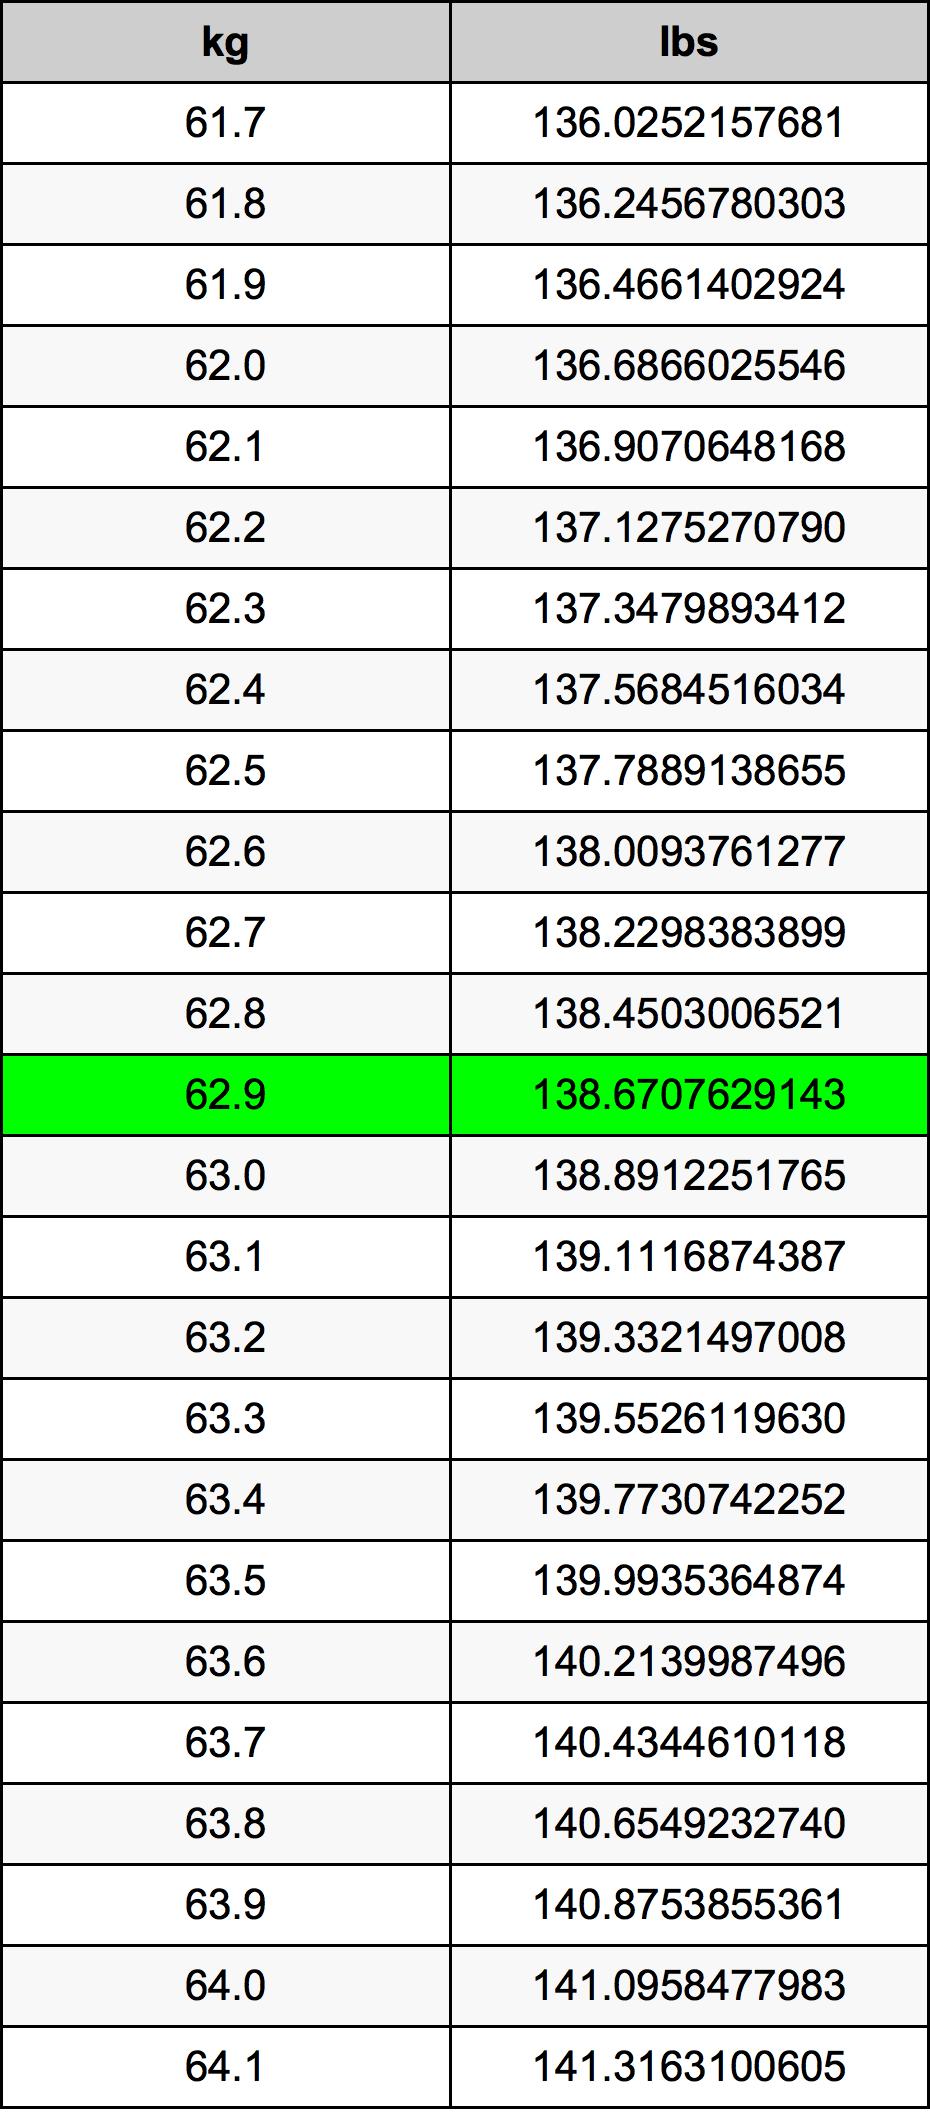 62.9 Kilogramo Tabla de conversión